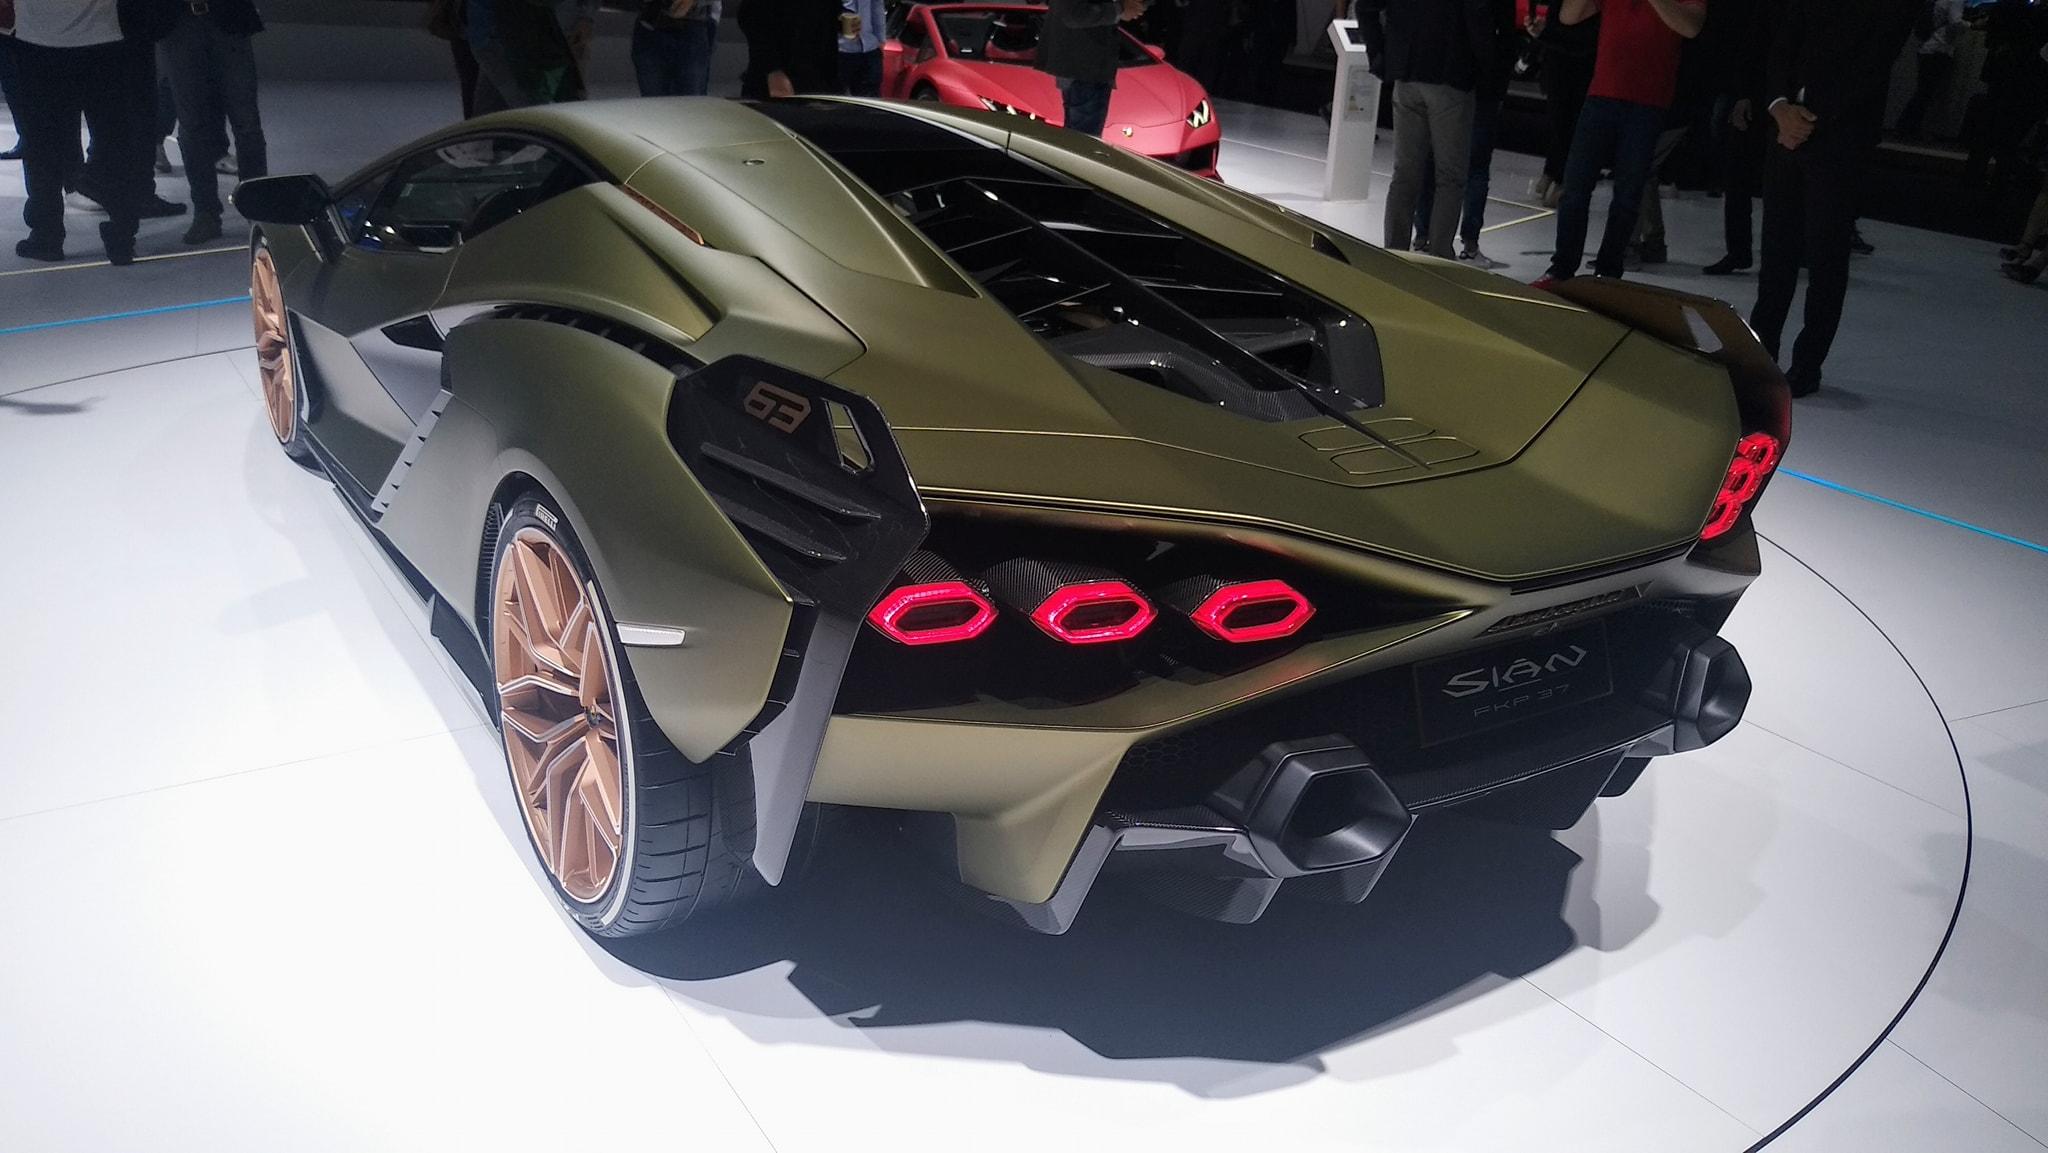 Живые фото и подробности самого быстрого суперкара Lamborghini